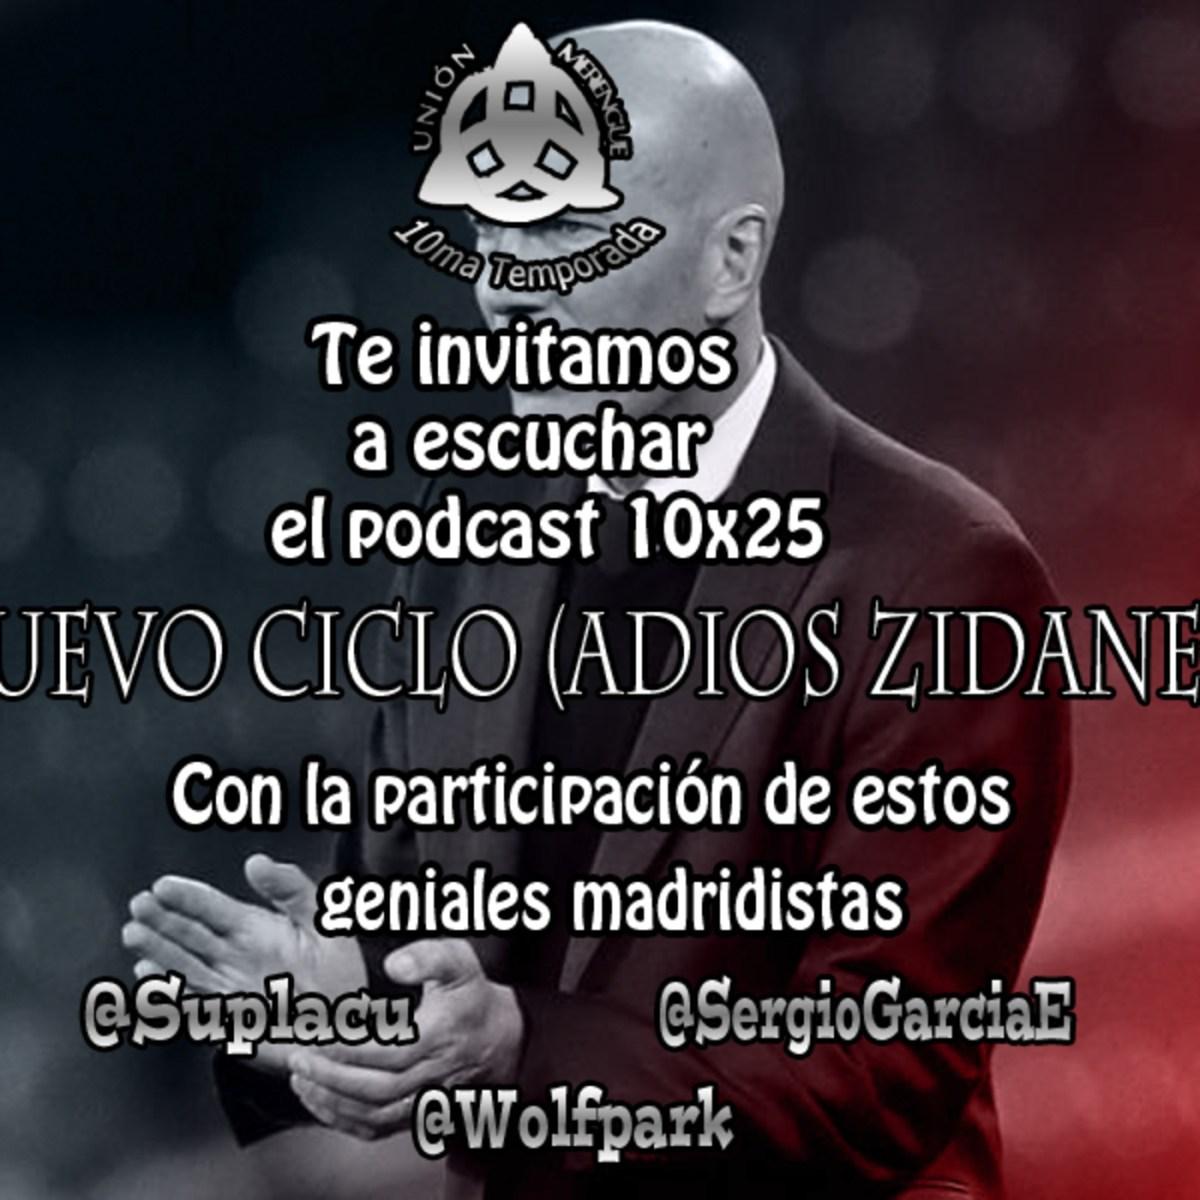 10×25 Nuevo Ciclo (Adios Zidane 2)